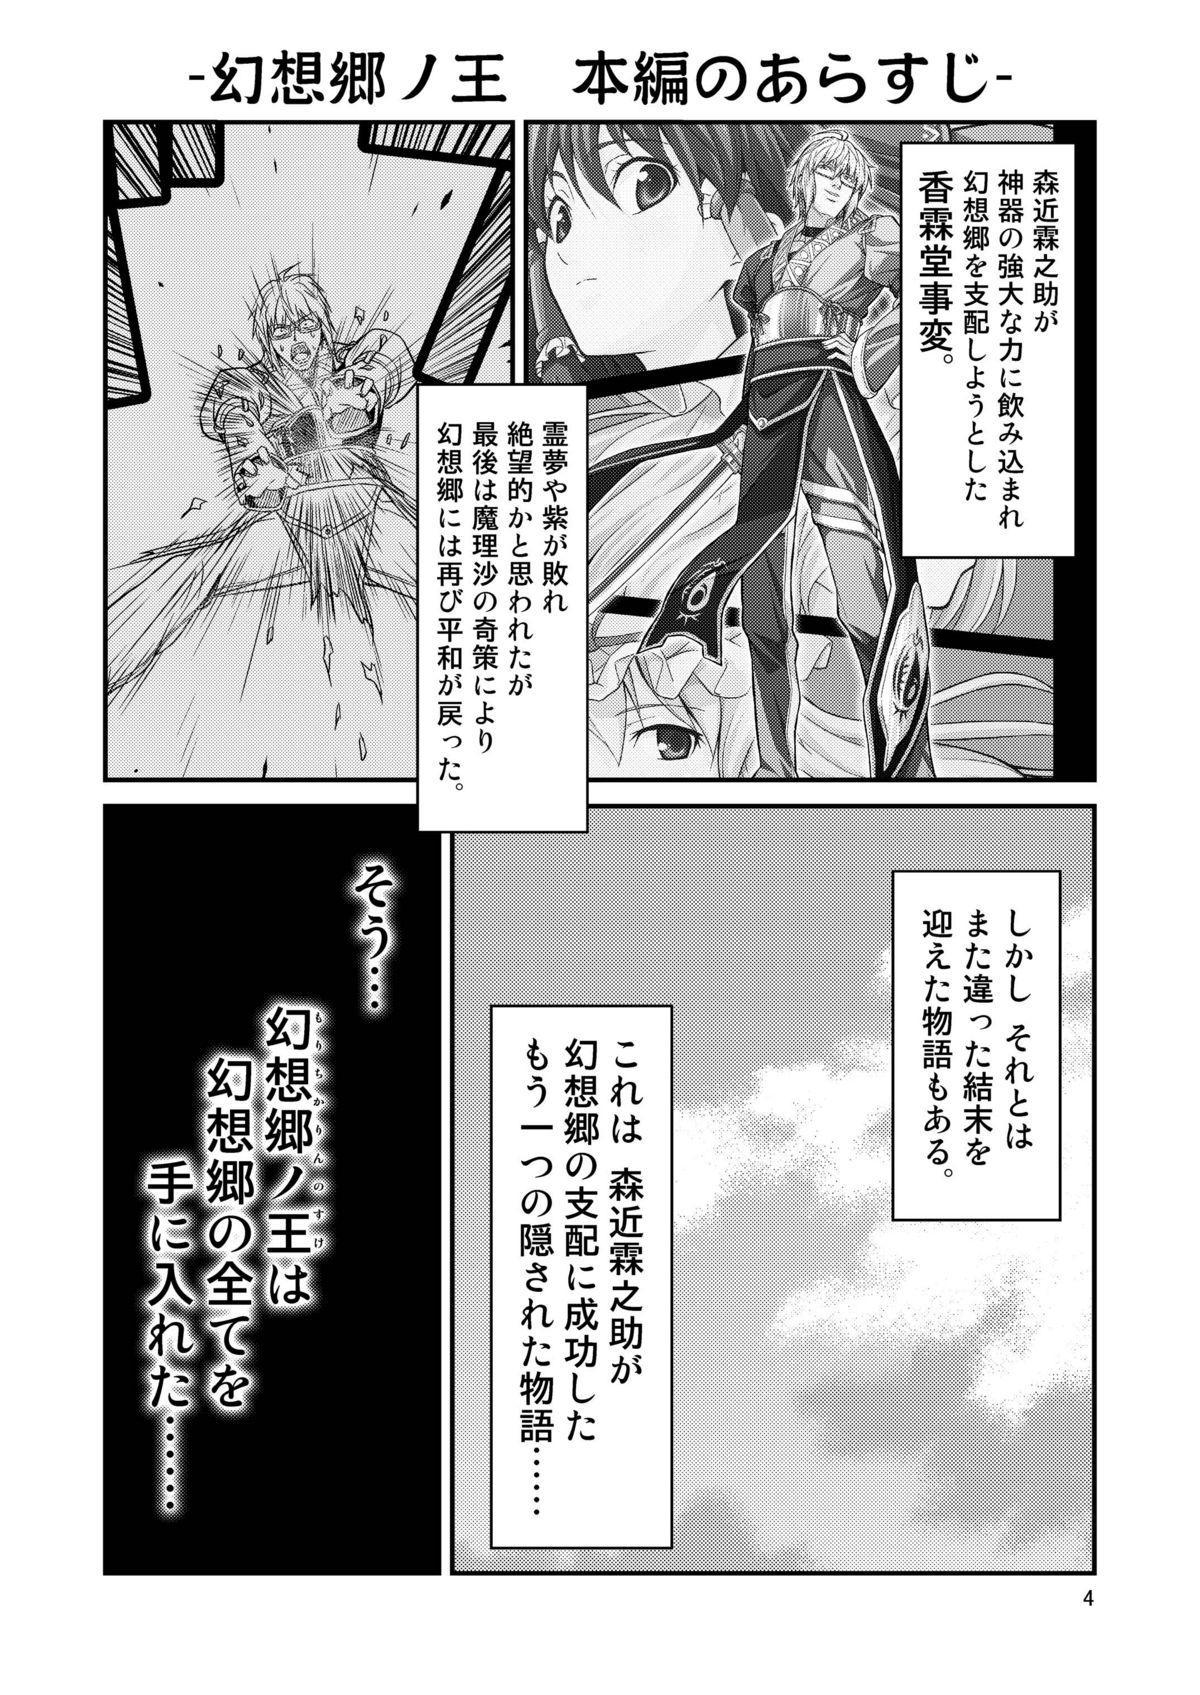 Gensoukyou no Ou - Ryoujoku Hen 3